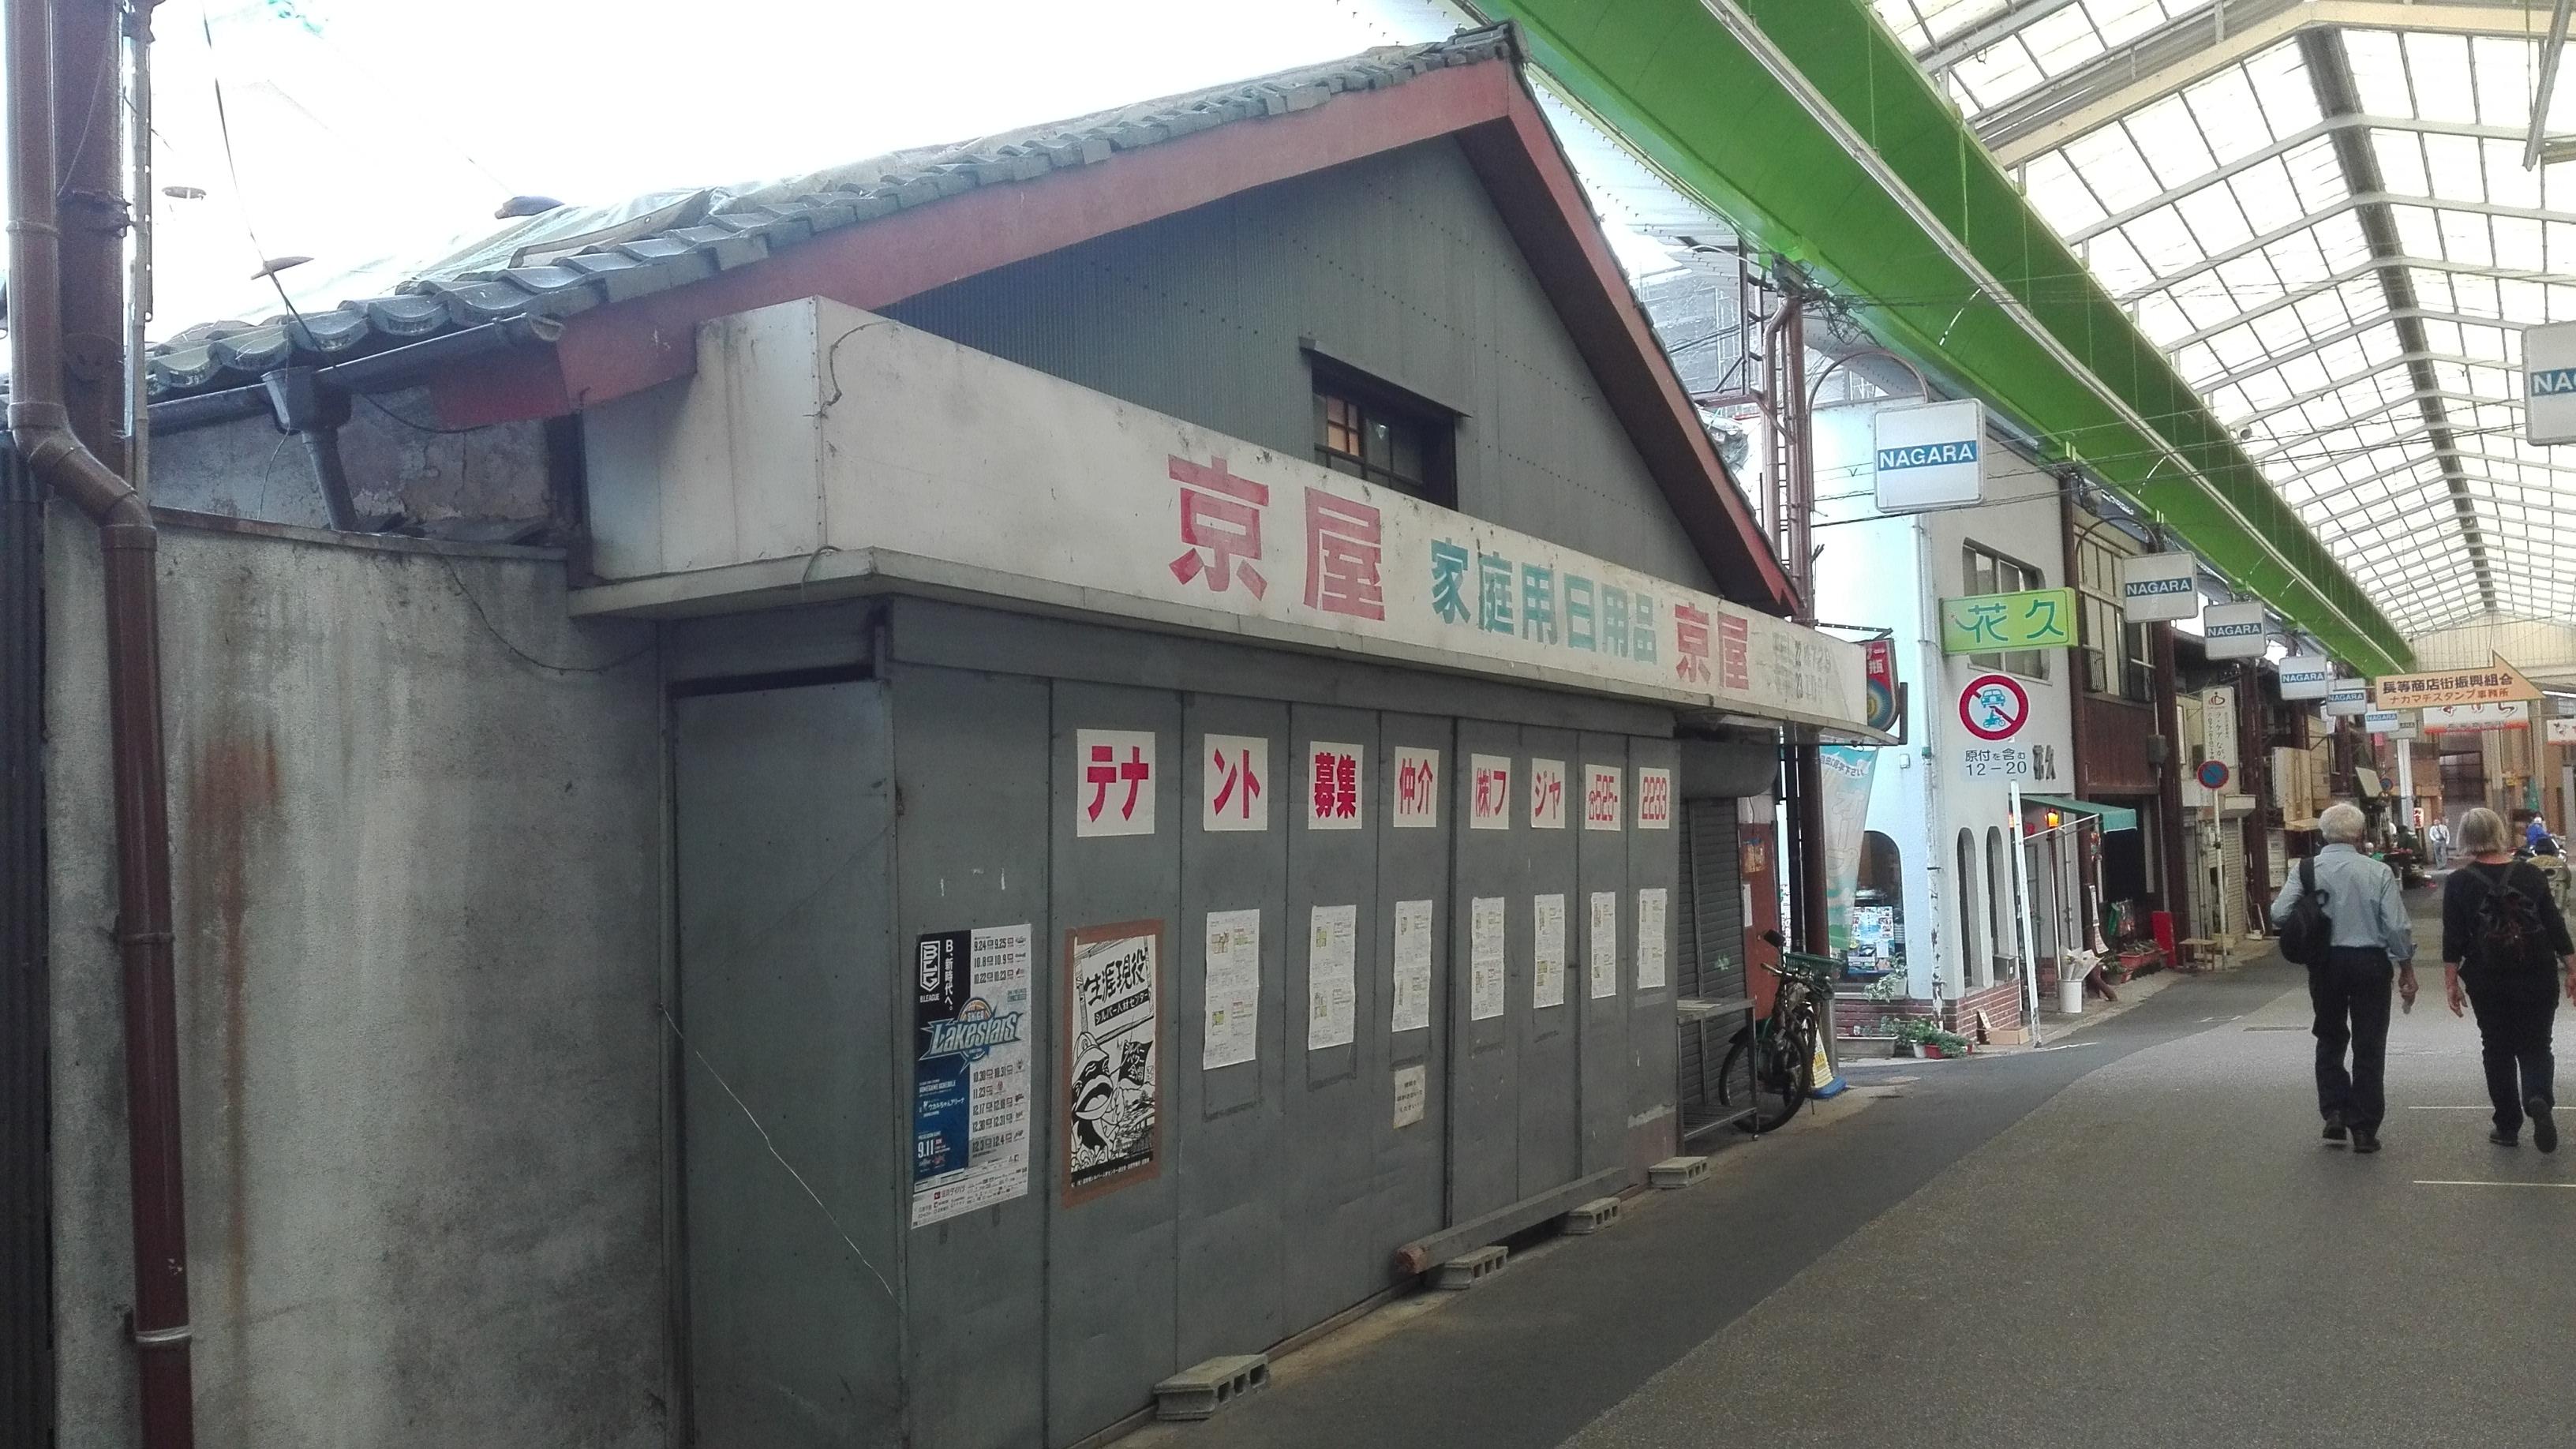 大津の超レトロな商店街を訪れた